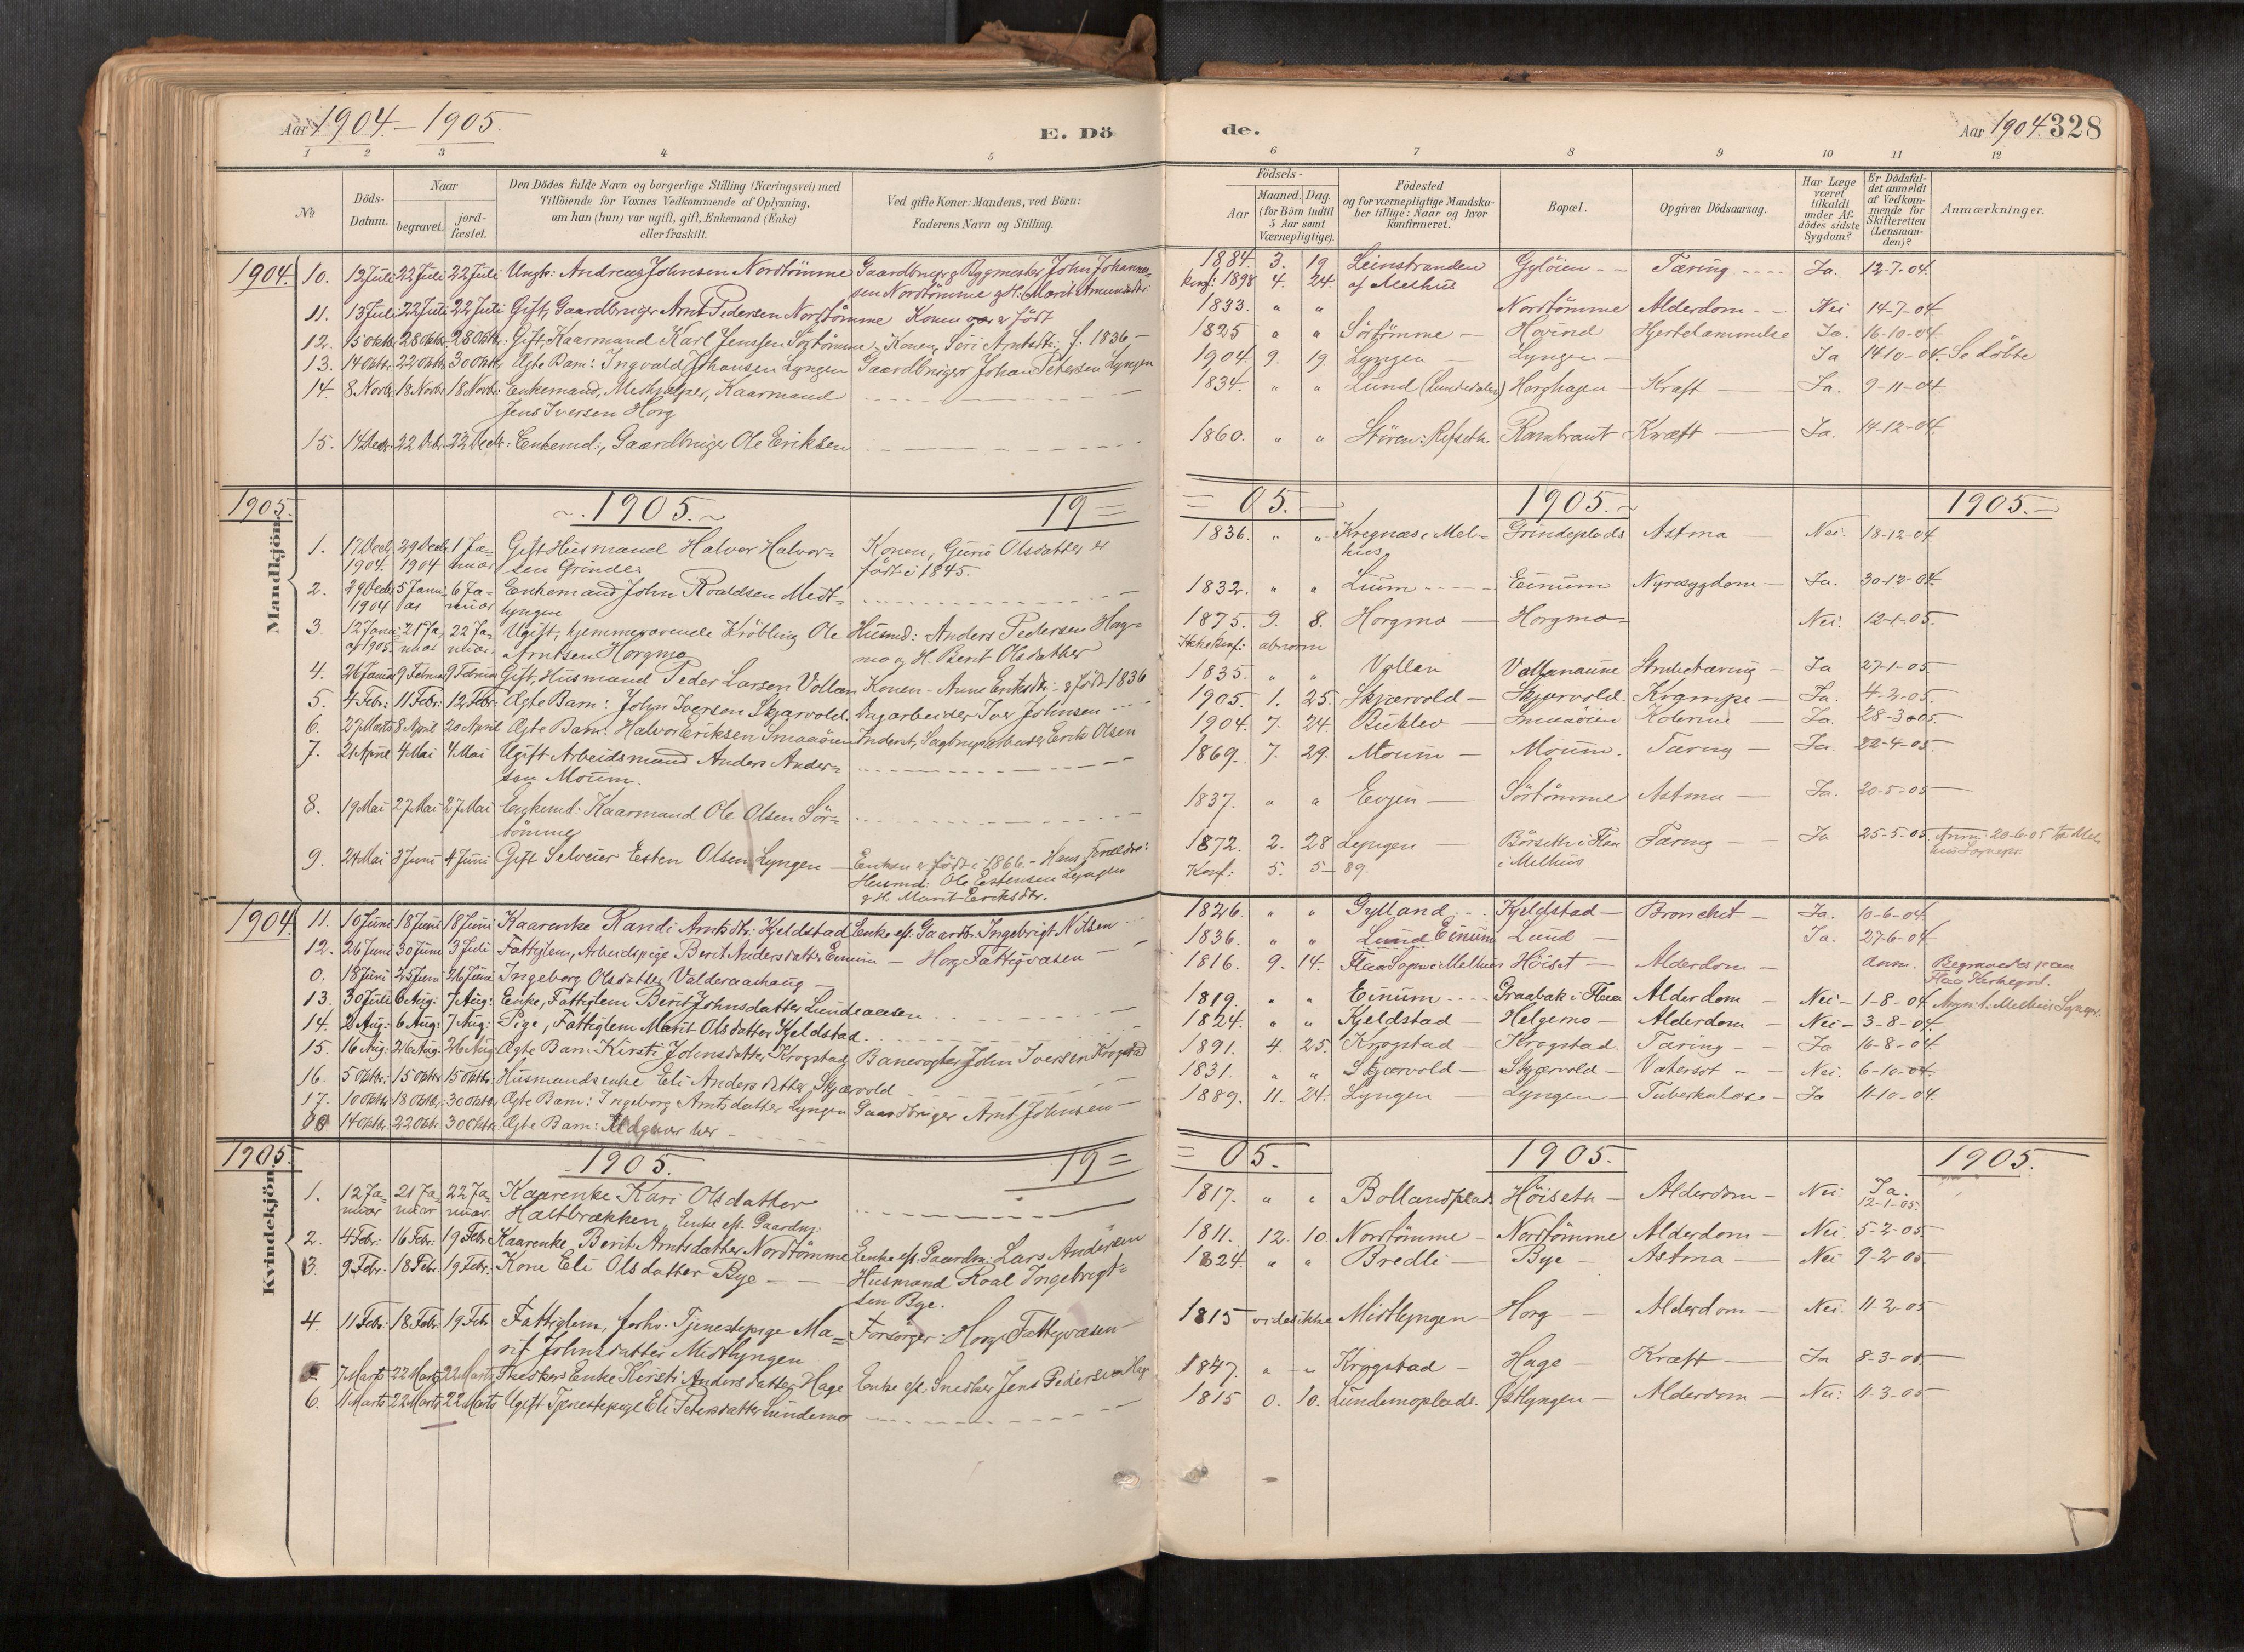 SAT, Ministerialprotokoller, klokkerbøker og fødselsregistre - Sør-Trøndelag, 692/L1105b: Ministerialbok nr. 692A06, 1891-1934, s. 328